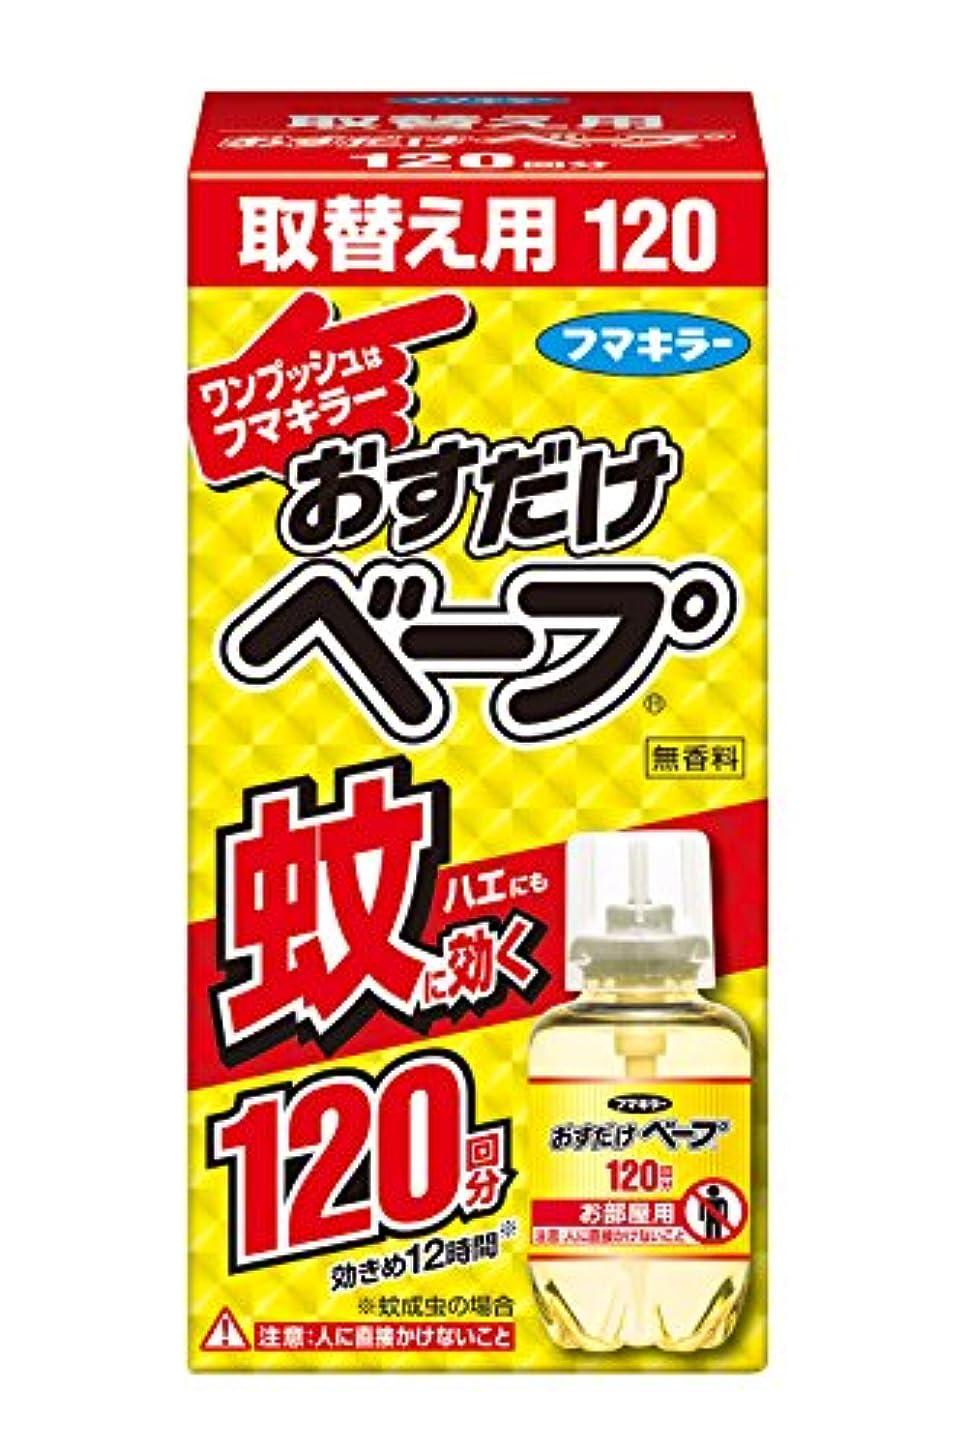 出費コメントフィードおすだけベープ ワンプッシュ式 蚊取り 替え 120回分 無香料